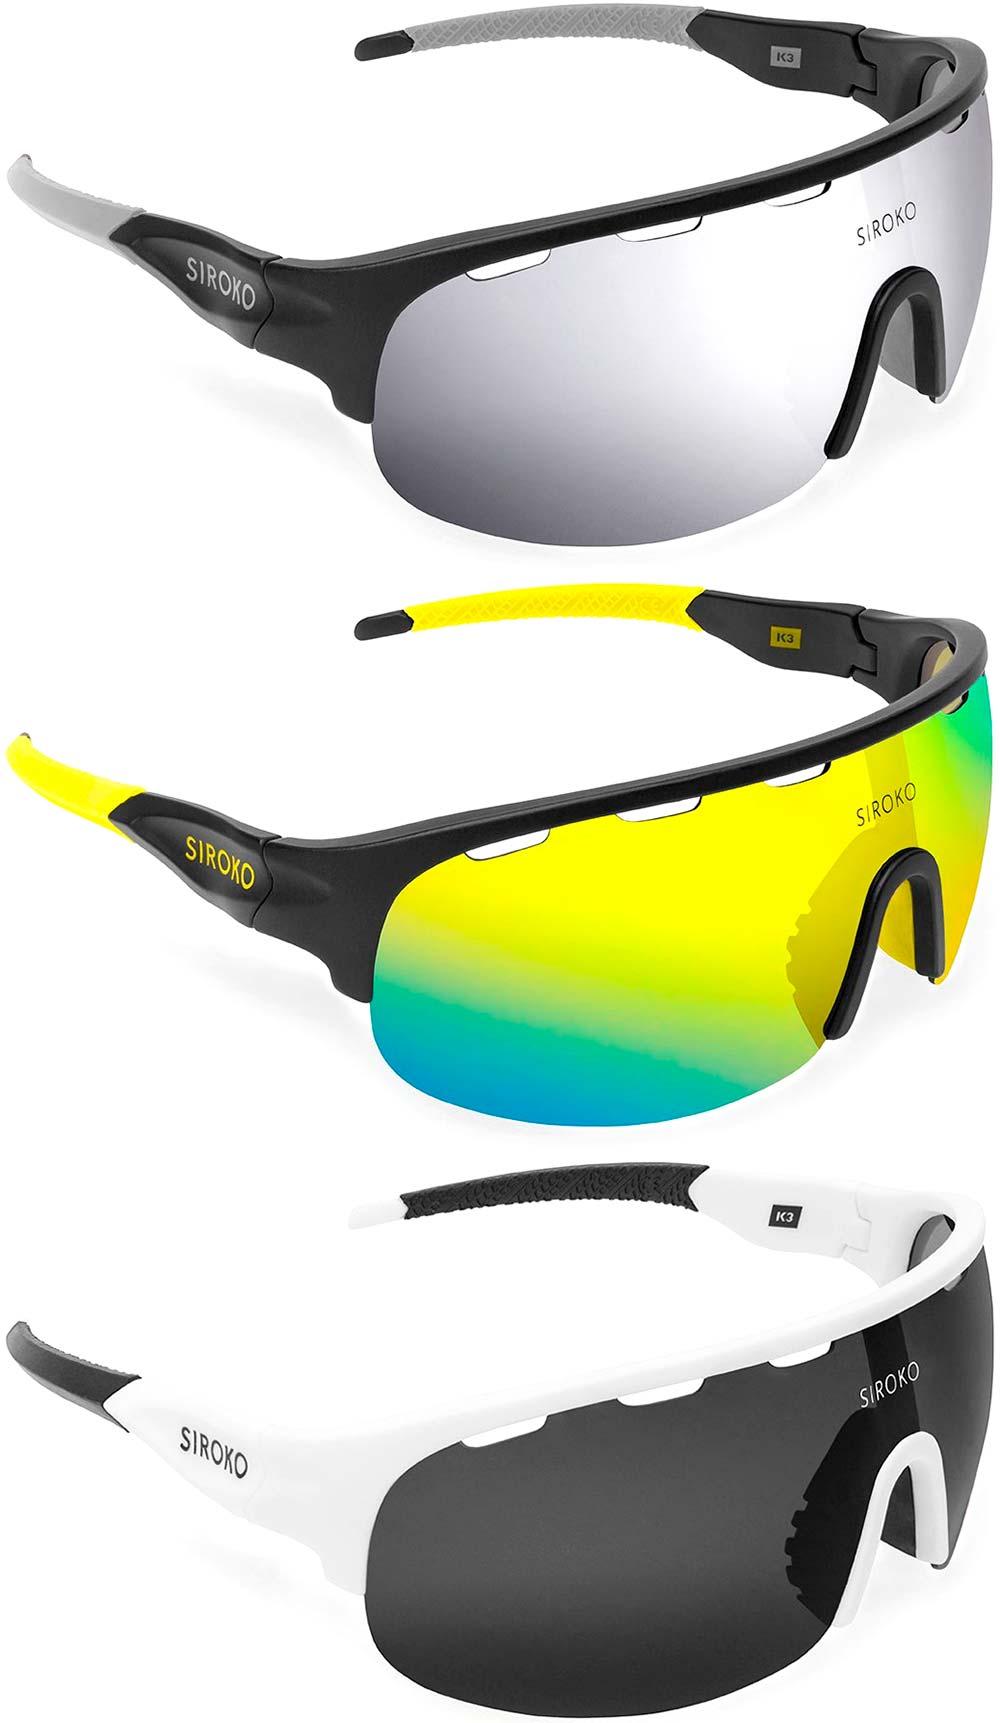 En TodoMountainBike: Siroko renueva por completo su económica gama de gafas deportivas K3 Tech